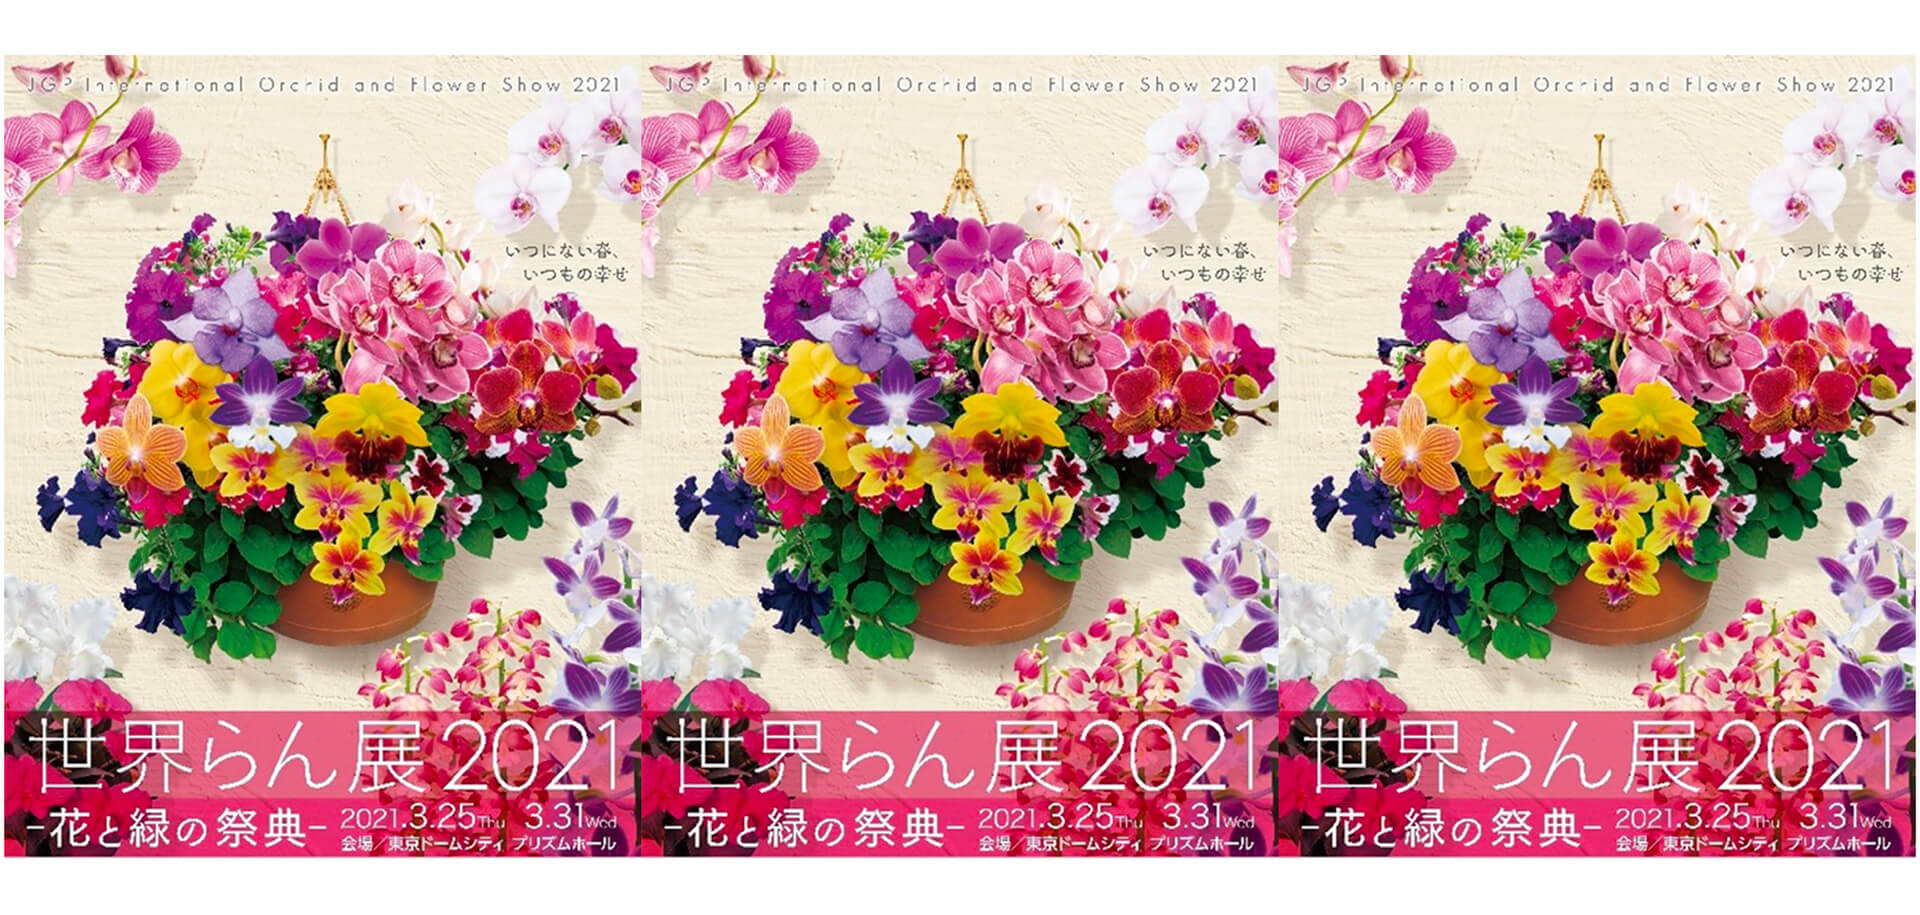 世界らん展2021-花と緑の祭典-